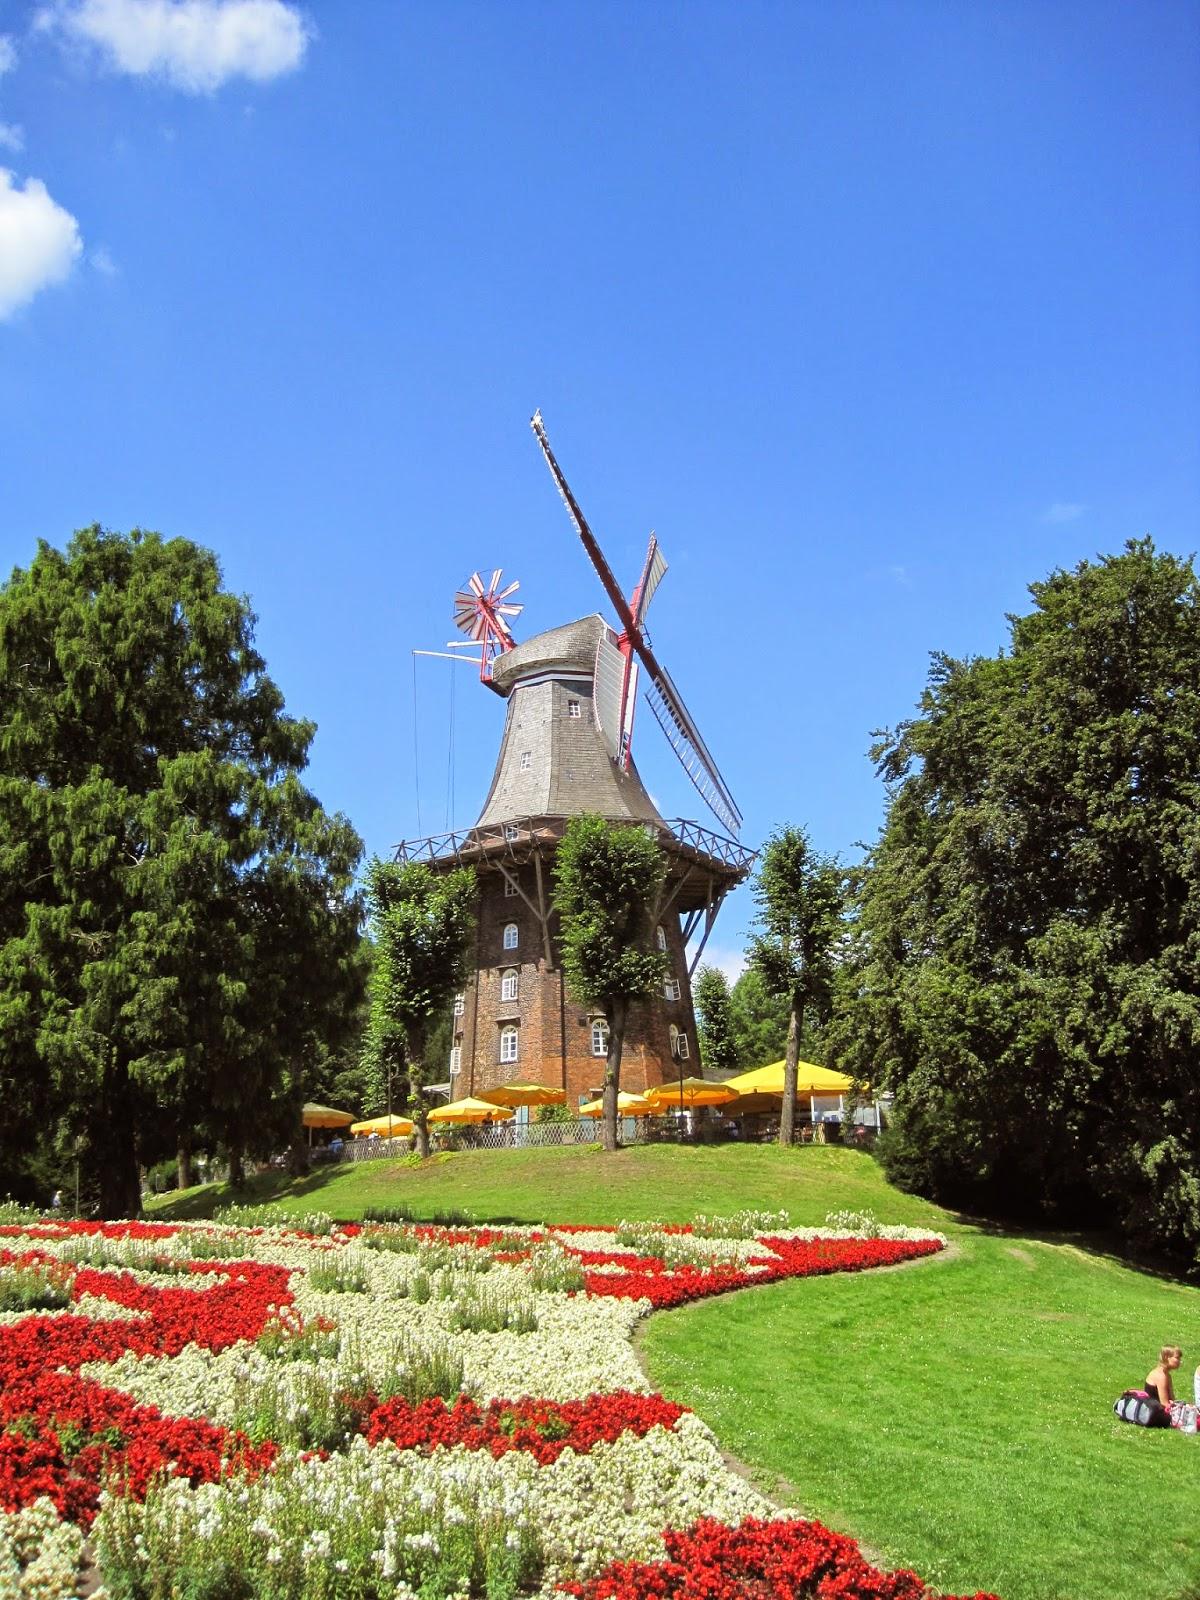 Bremen windmill